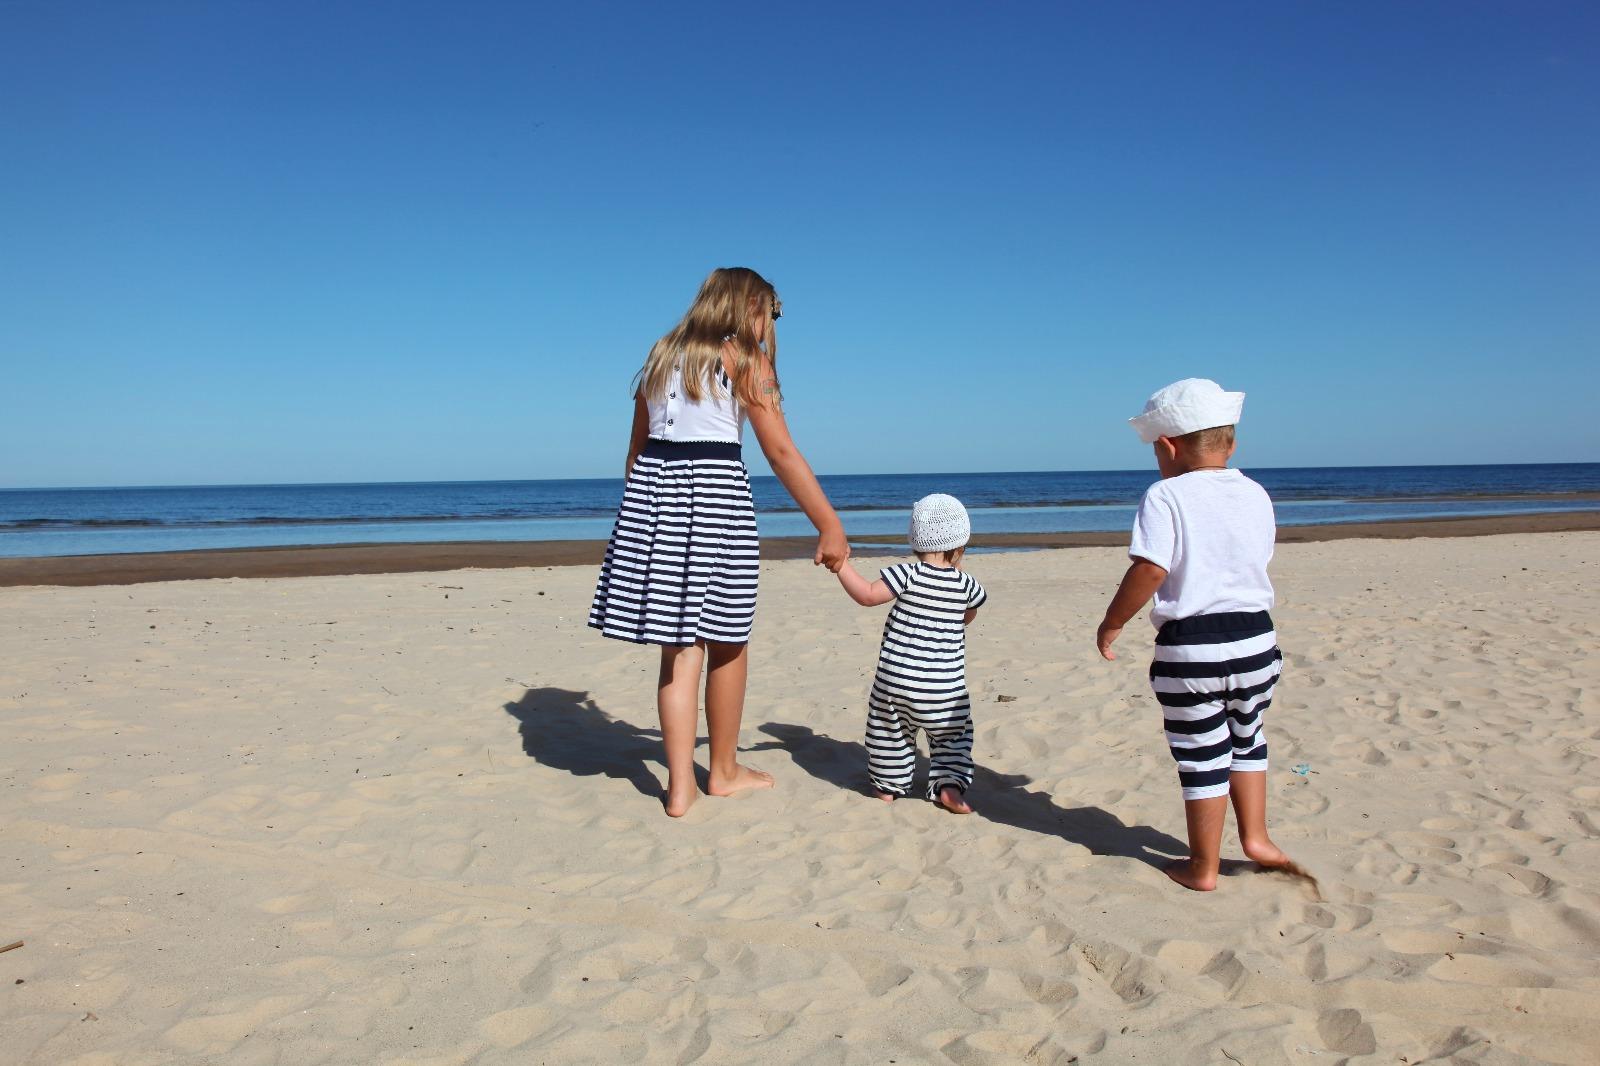 Çocukla Seyahat Ederken Dikkat Edilmesi Gereken 12 Şey